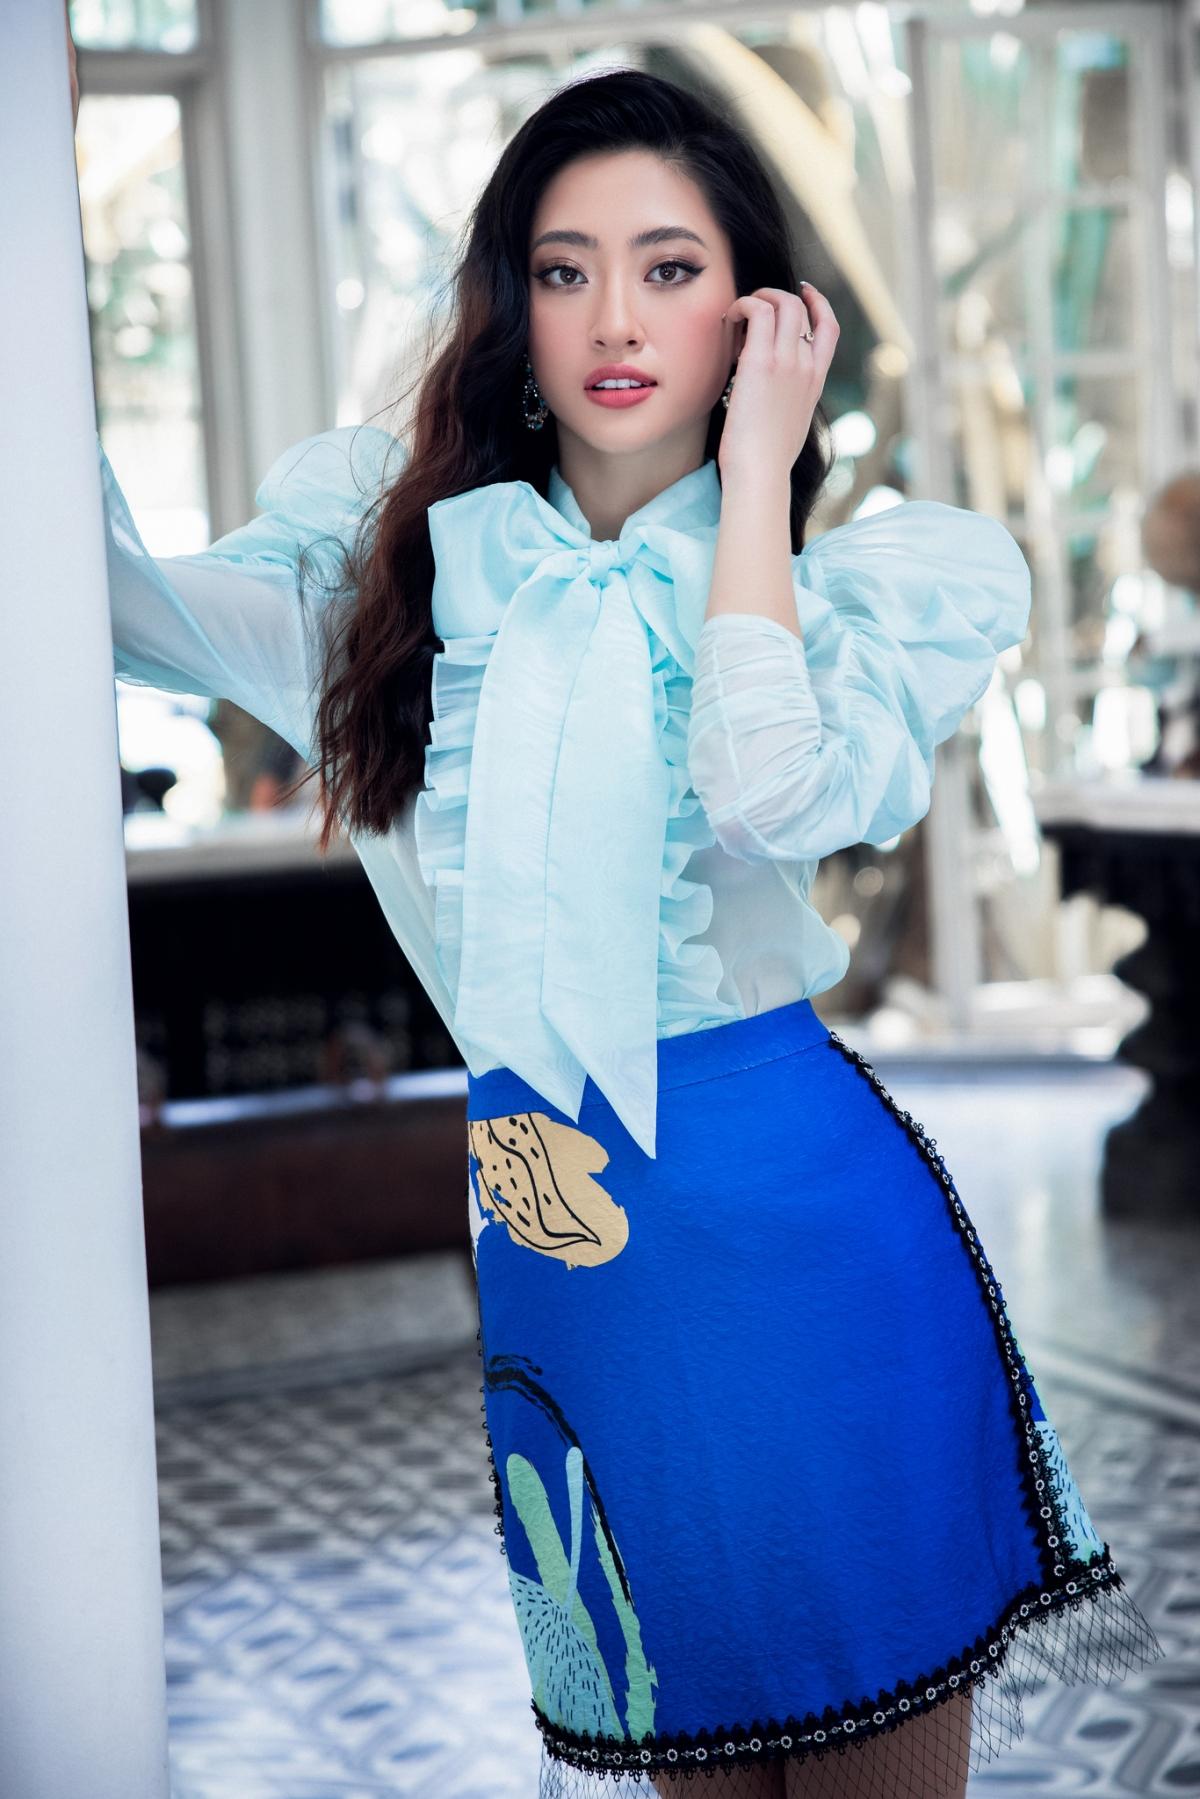 Nét sang trọng và ấn tượng trong bộ váy có phần vai trễ nải cổ thuyền đã tôn lên bờ vai mong manh của Hoa hậu Miss World Vietnam 2019. Phụ kiện được đơn giản hóa làm đệm bước tôn cả set đồ.